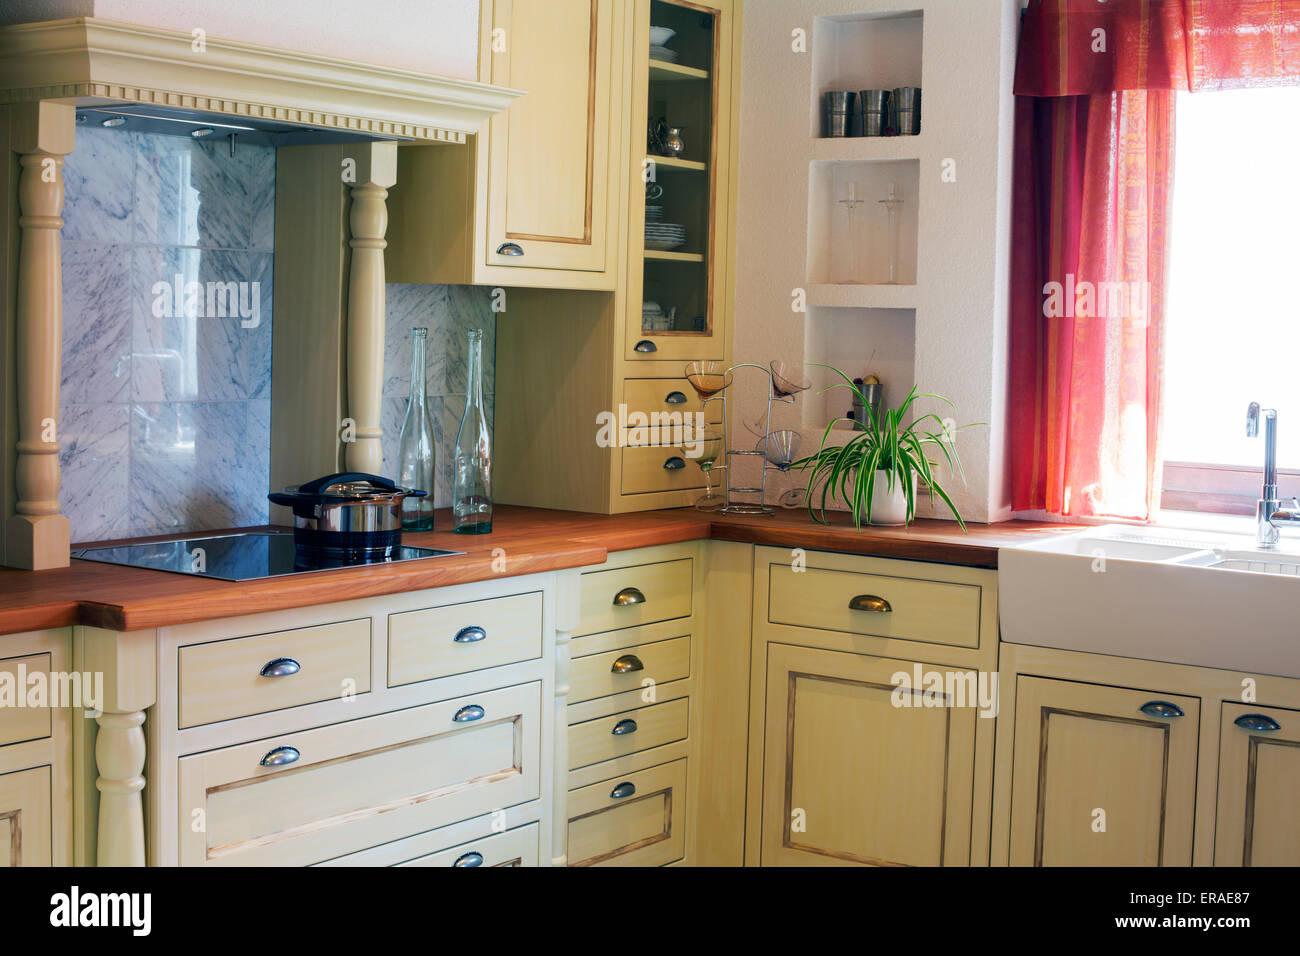 Cucina di paese in legno e vetro con tende rosse Foto & Immagine ...